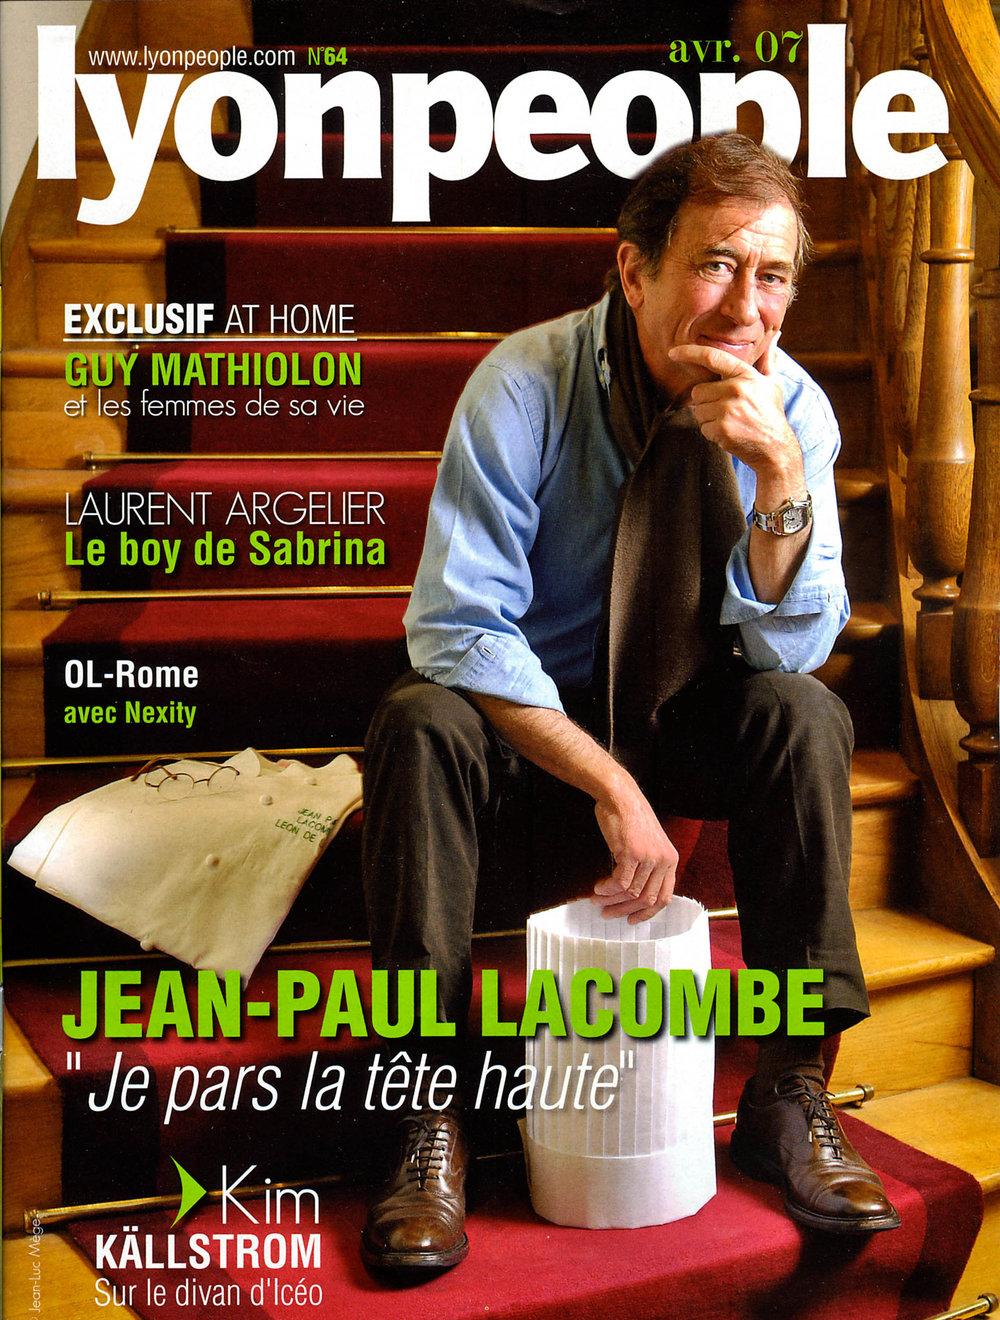 couv JeanPaul Lacombe, avril 07-7.jpg